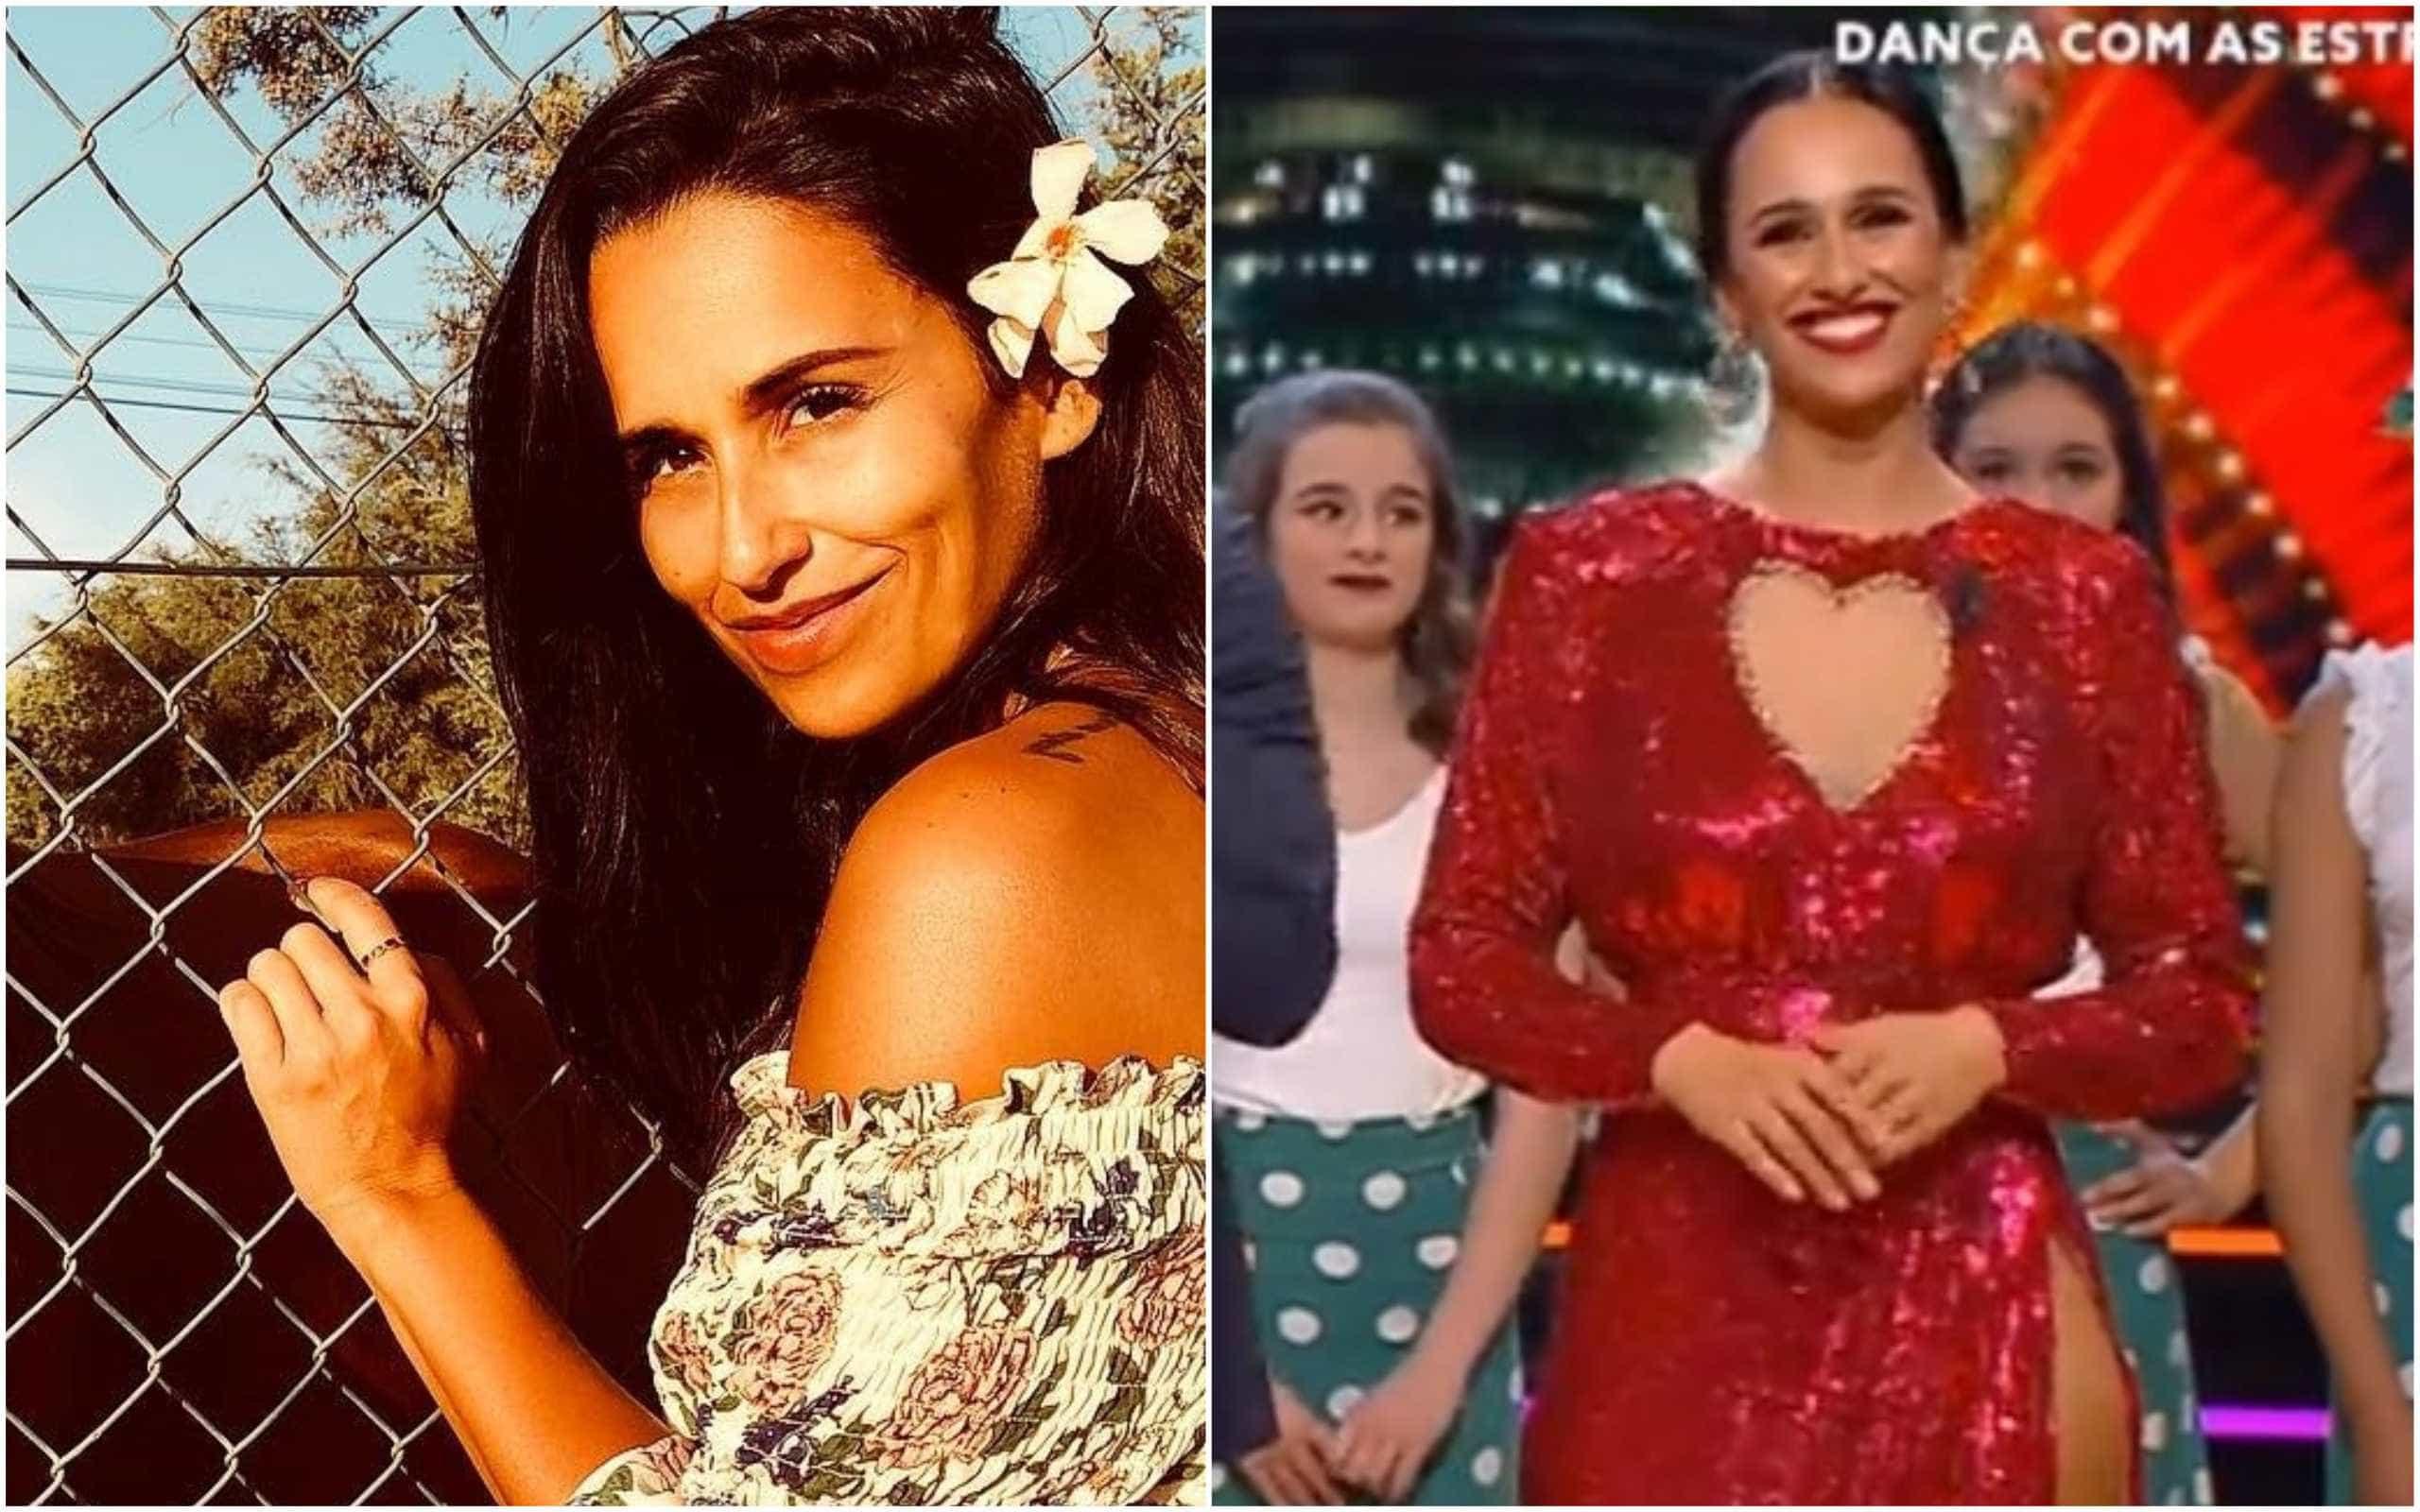 Homenagem ao amor: Rita Pereira brilha com vestido vermelho e super racha